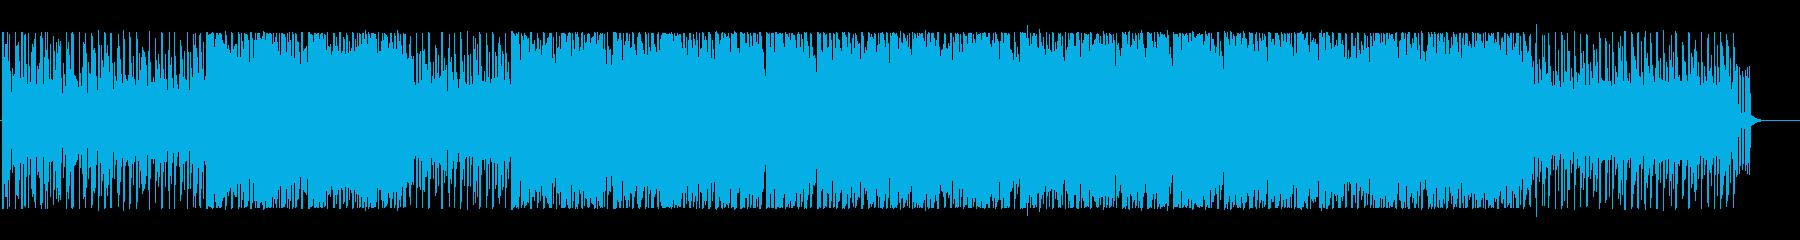 ファンタジックでポップなBGMの再生済みの波形